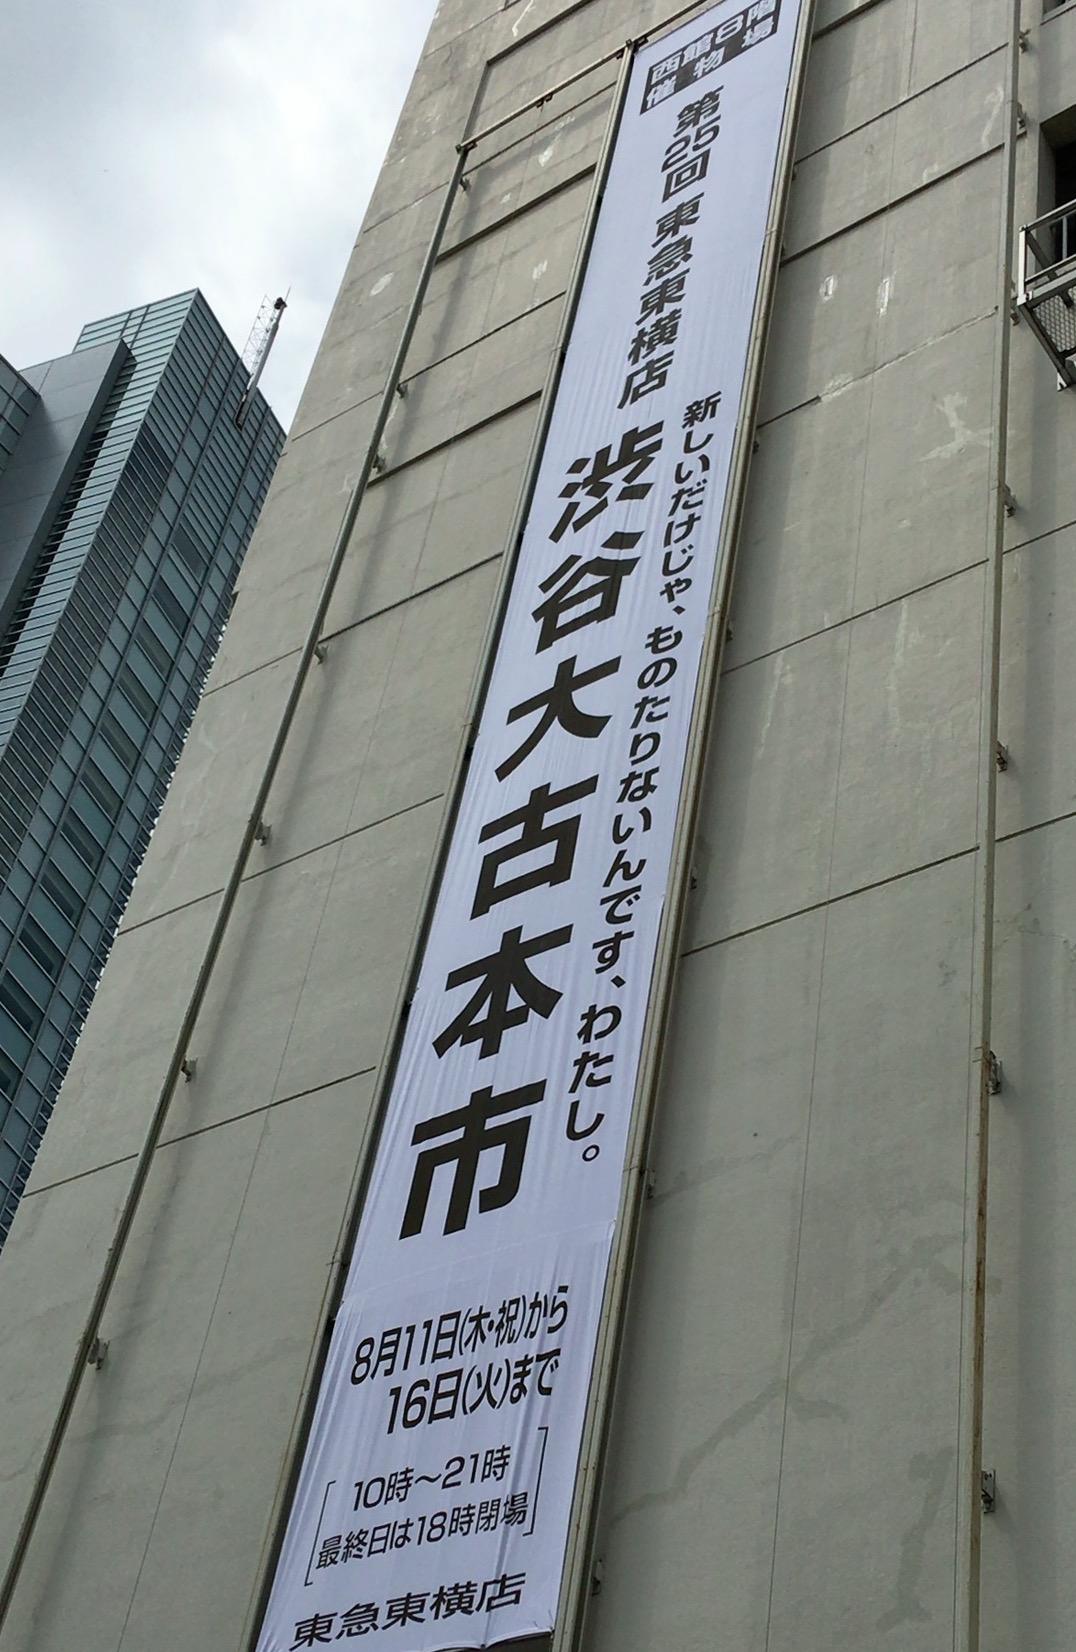 東急東横店渋谷大古本市